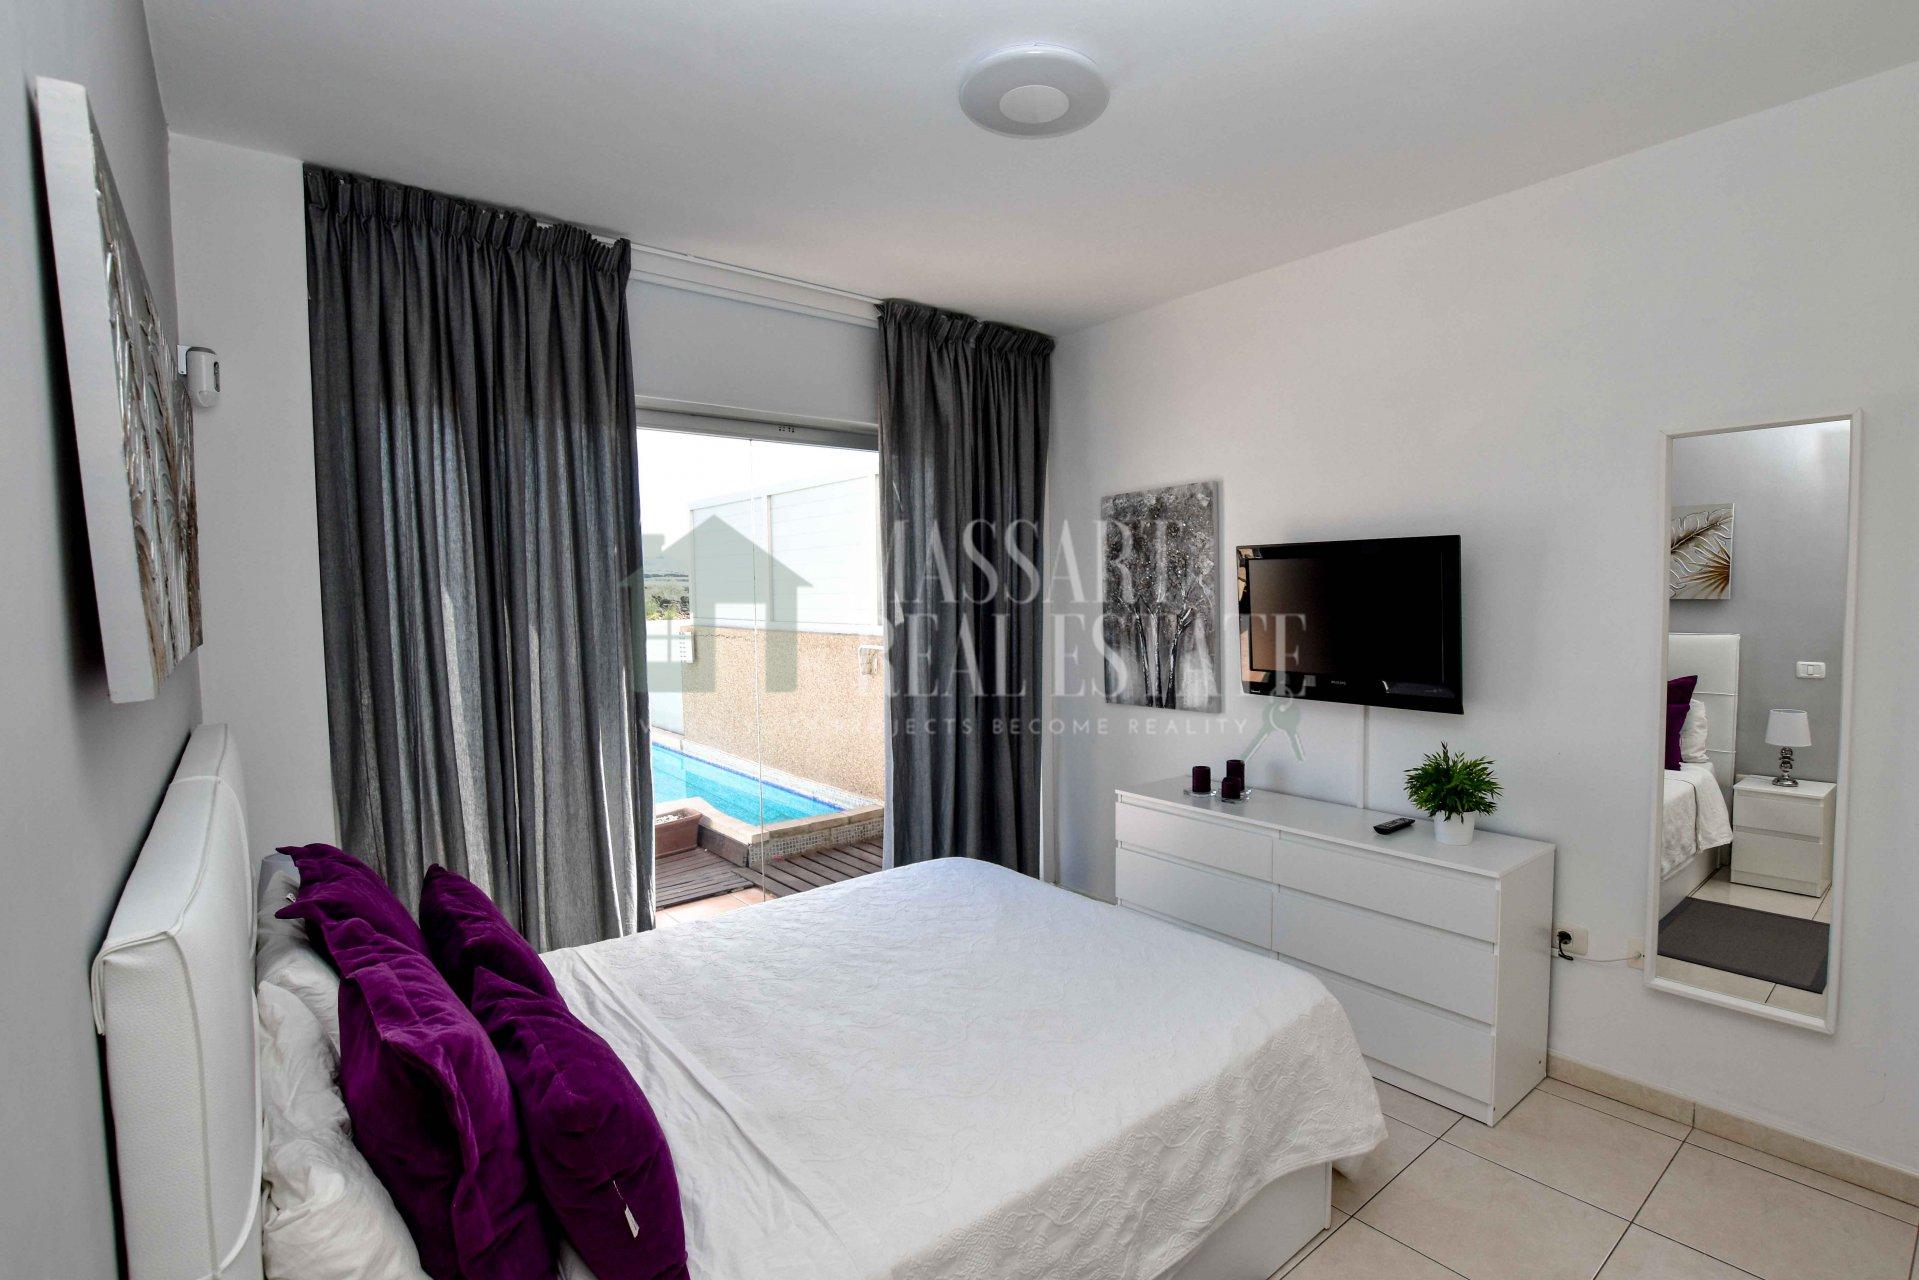 Venta de apartamento en Costa del Silencio 1hab - 165 900 €